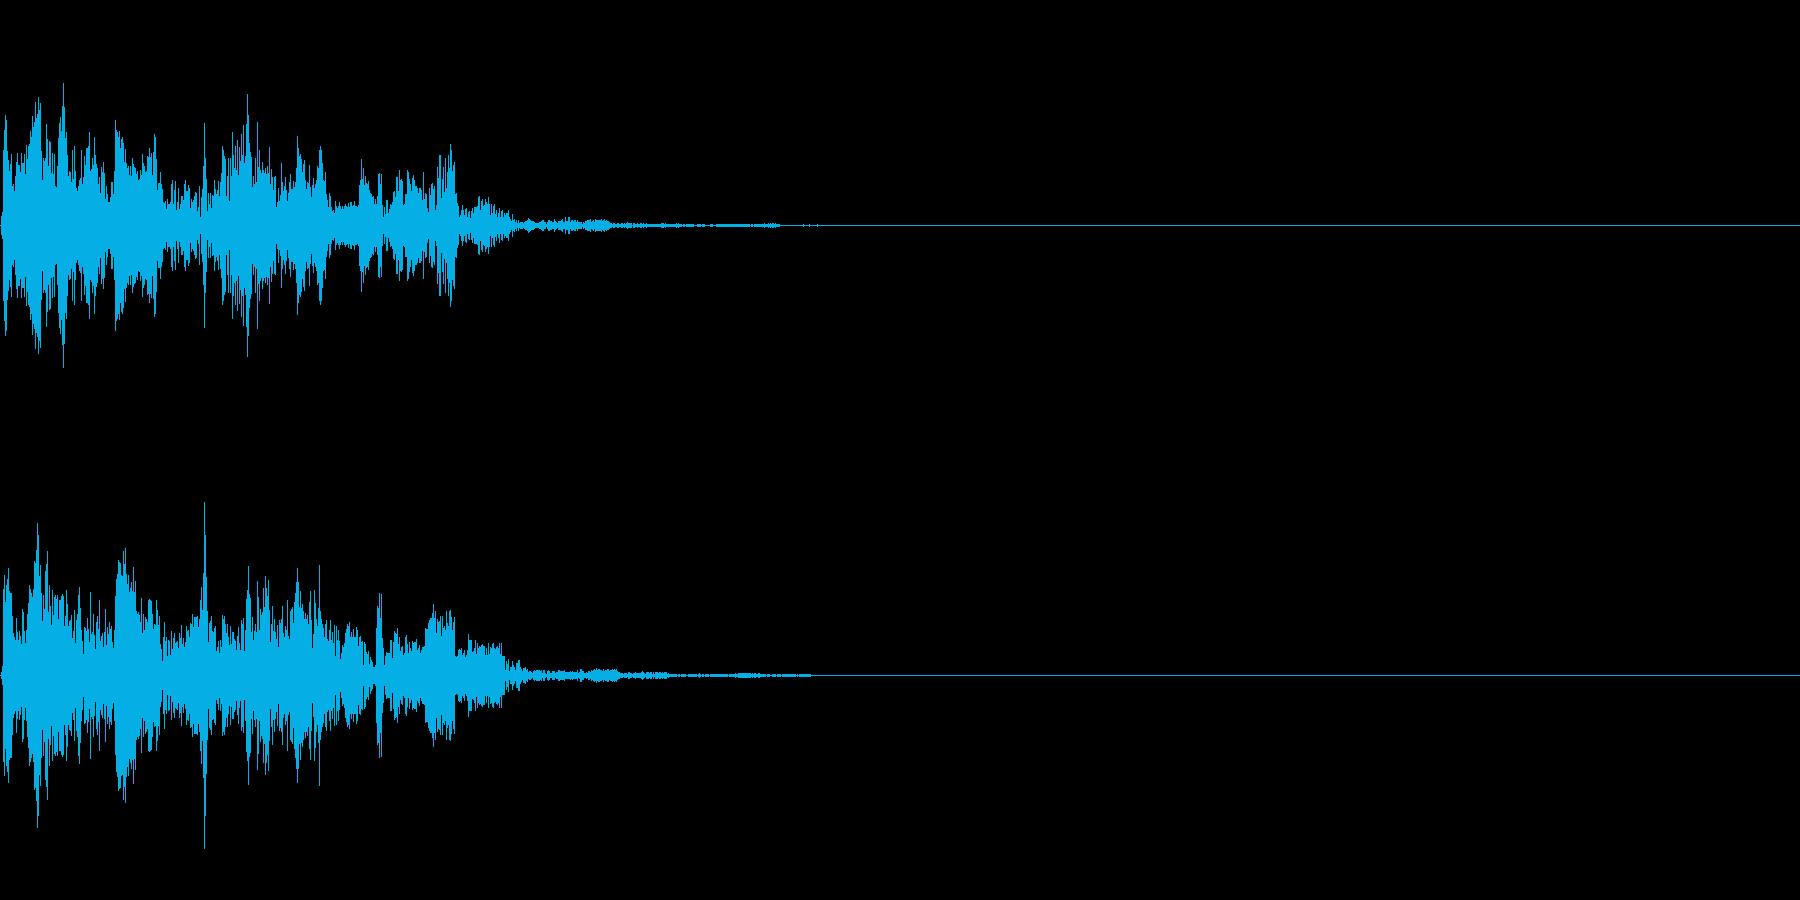 パズルゲームのブロック消す音・ポキュポンの再生済みの波形